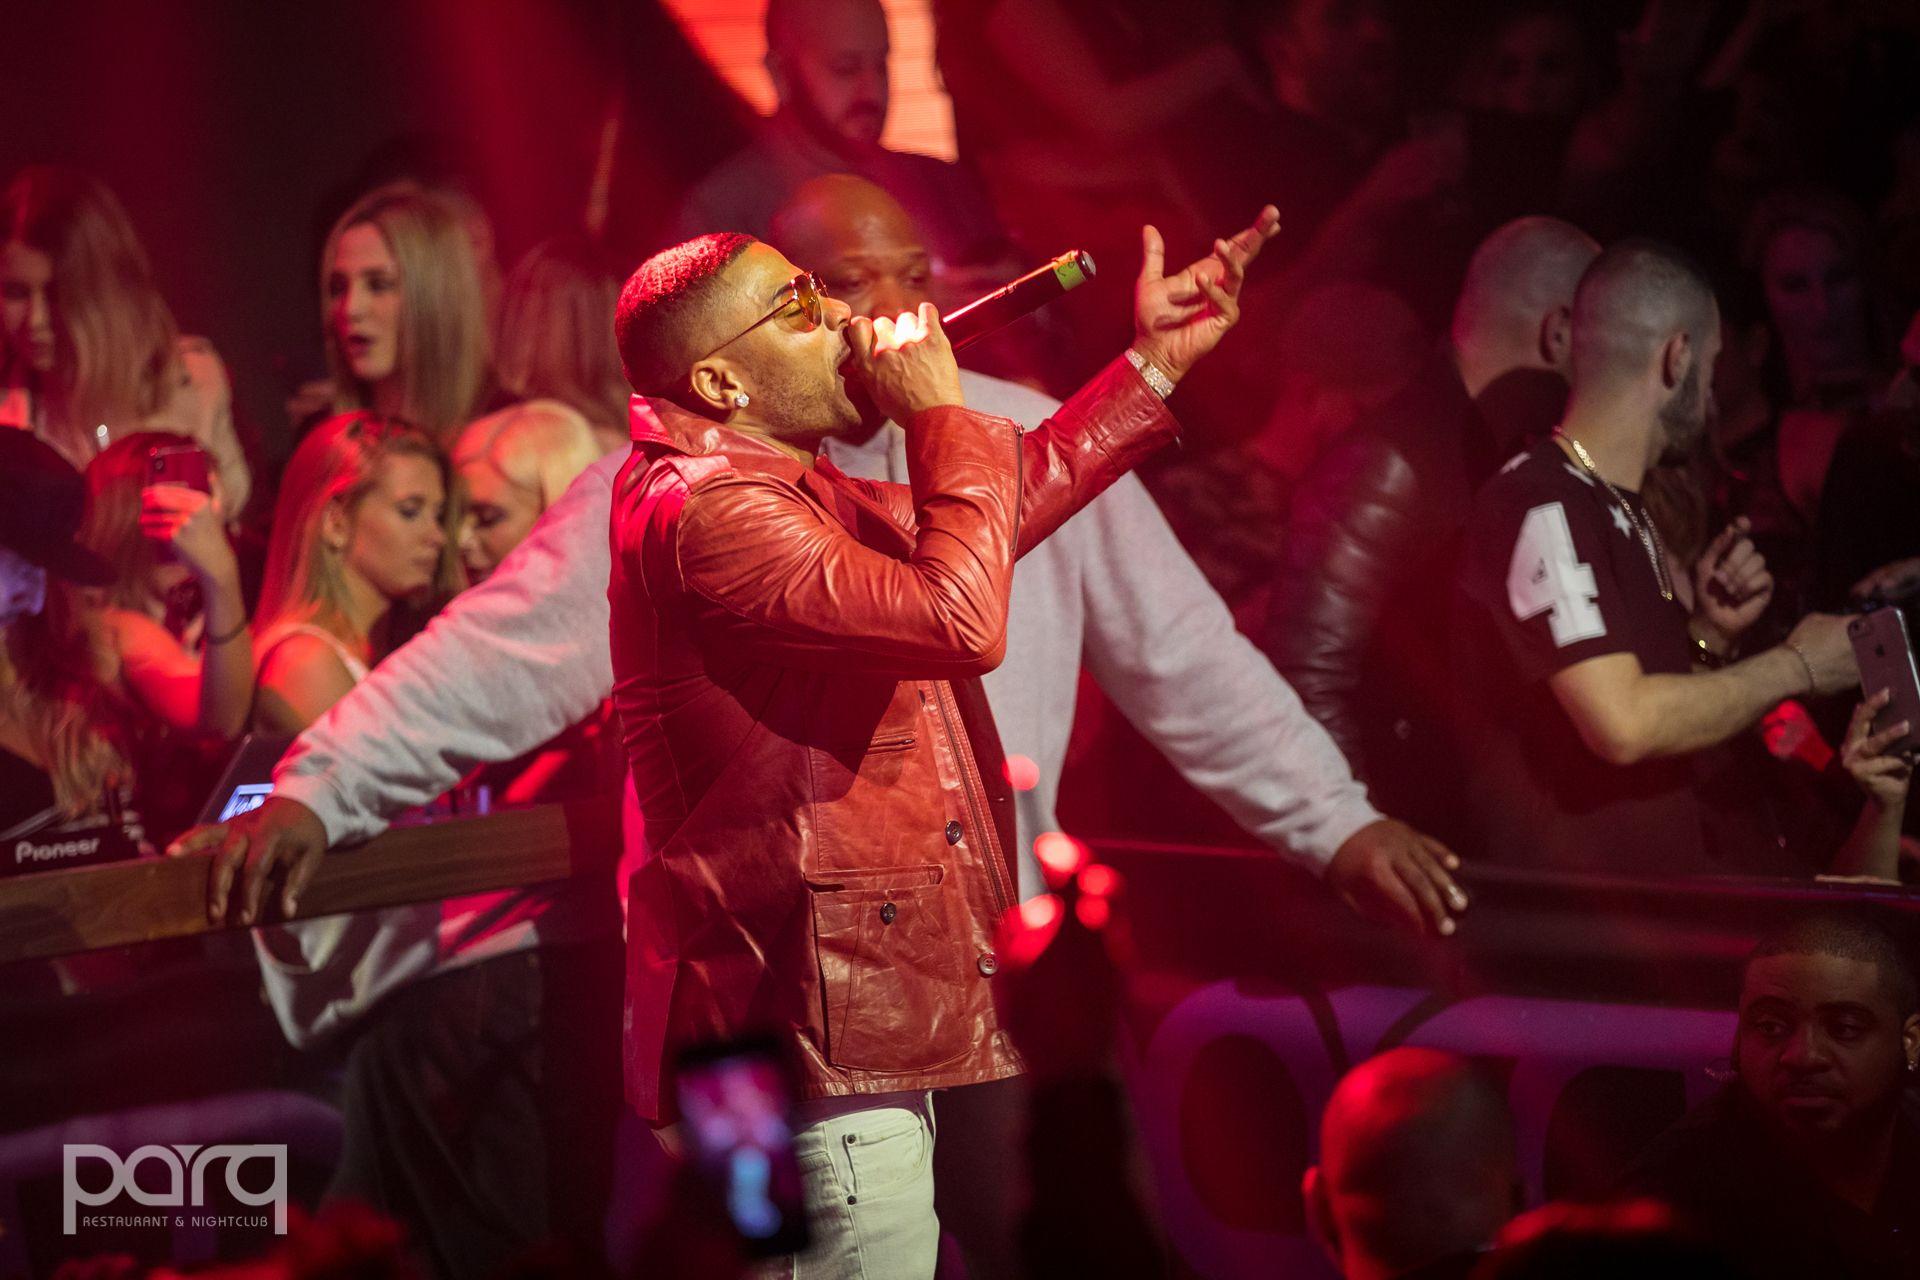 02.24.18 Parq - Nelly-26.jpg